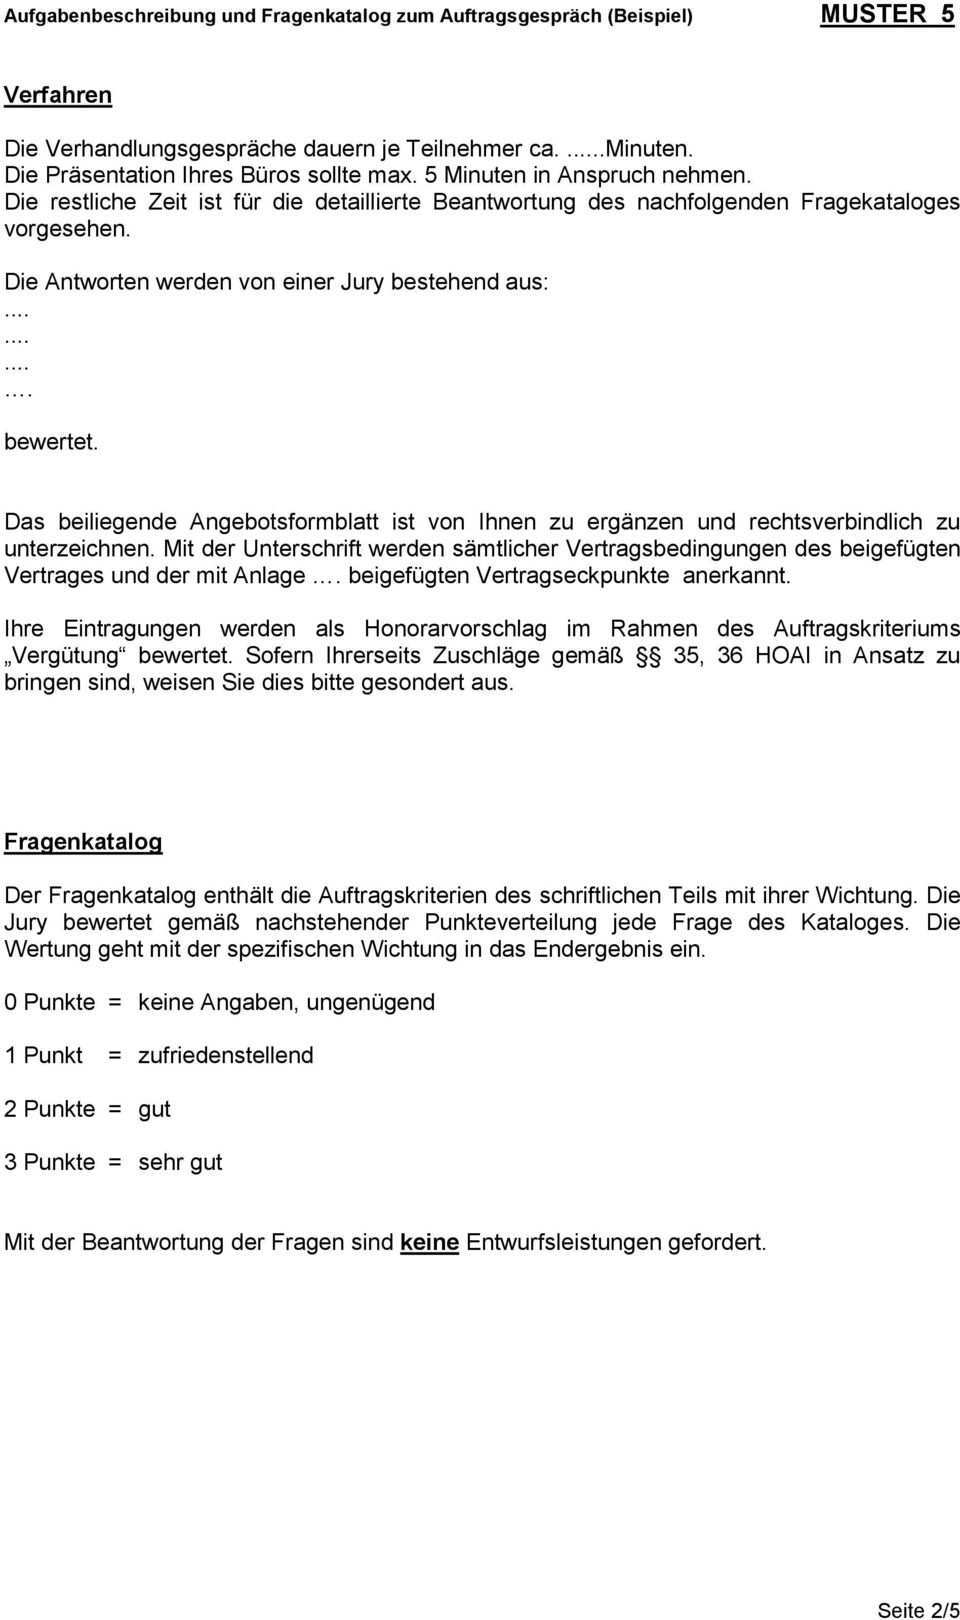 Aufgabenbeschreibung Und Fragenkatalog Zum Auftragsgesprach Beispiel Muster 5 Pdf Kostenfreier Download